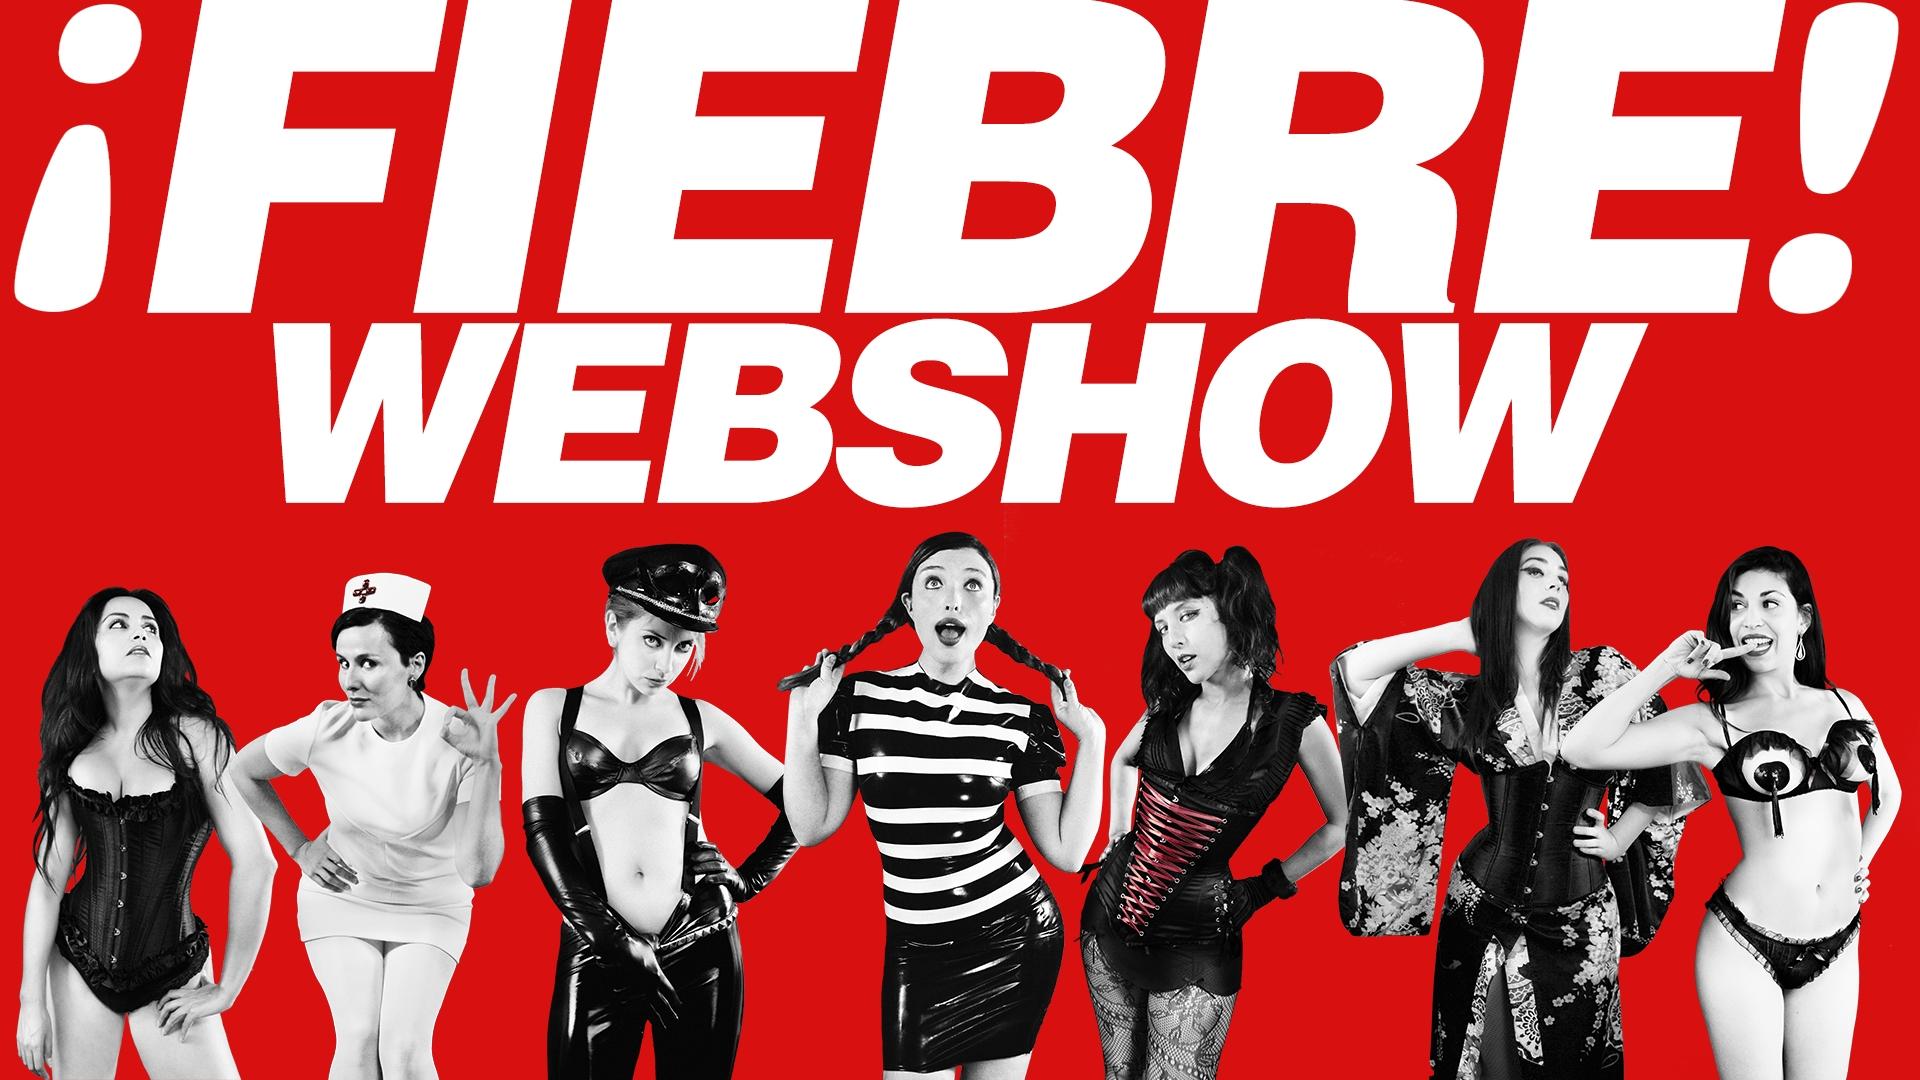 ¡FIEBRE!: Primer web show de contenido erótico en Chile